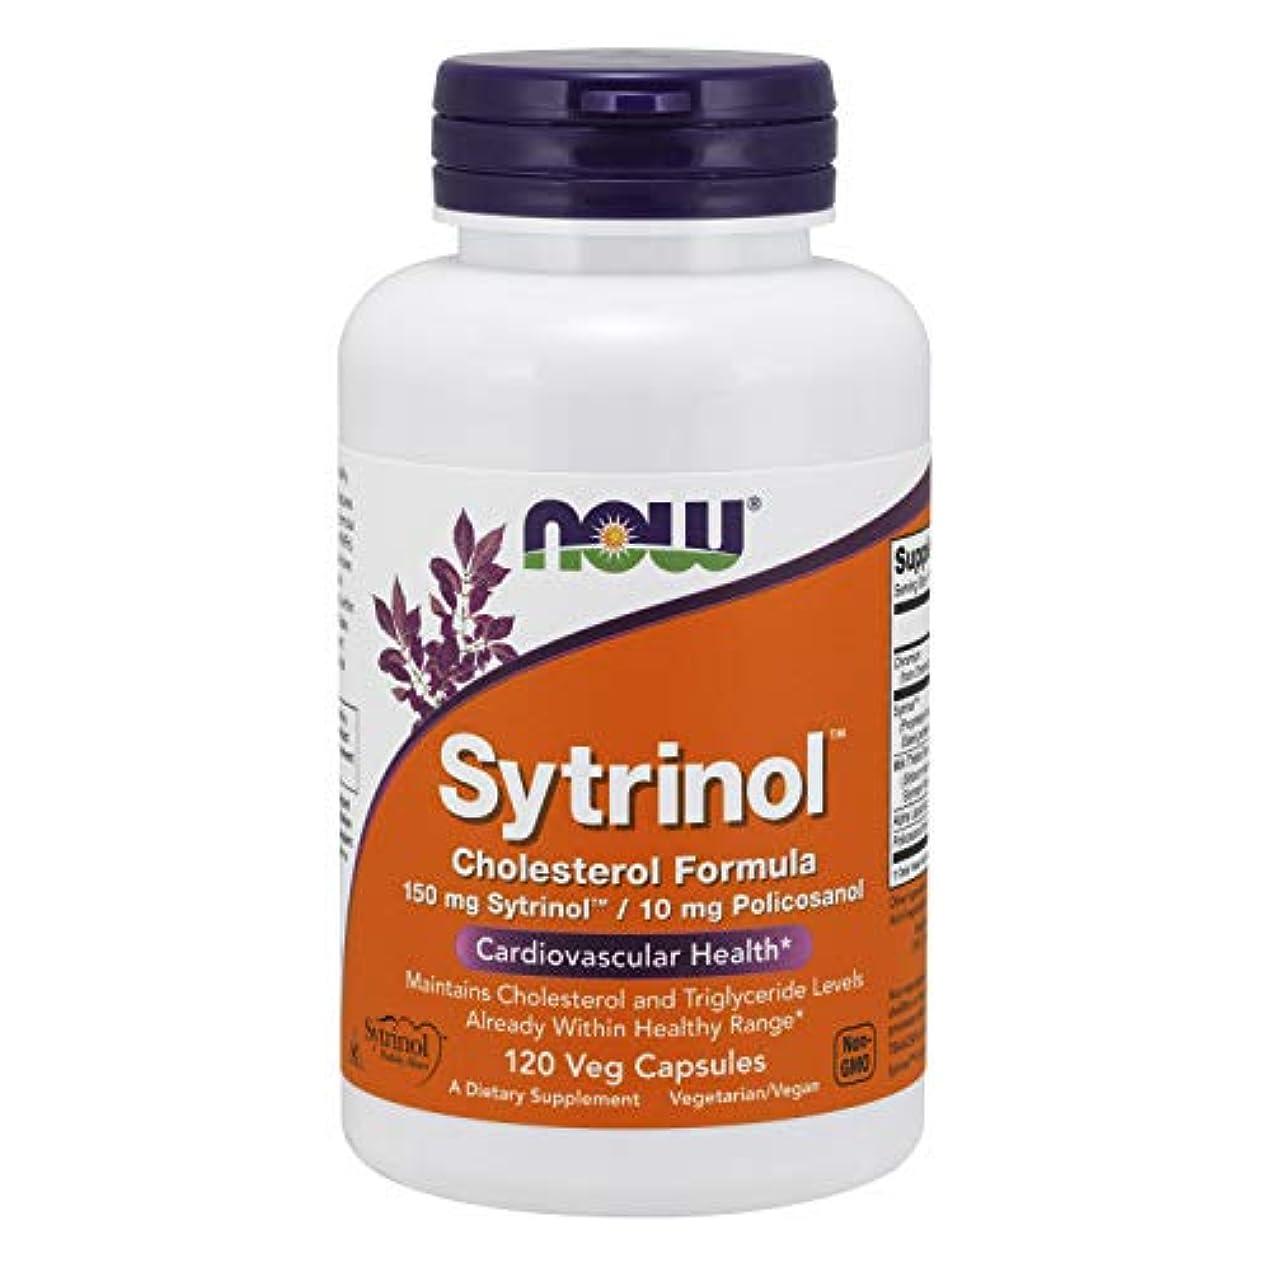 振るうこどもセンターコークス海外直送品 Now Foods Sytrinol, 120 Vcaps 150 mg